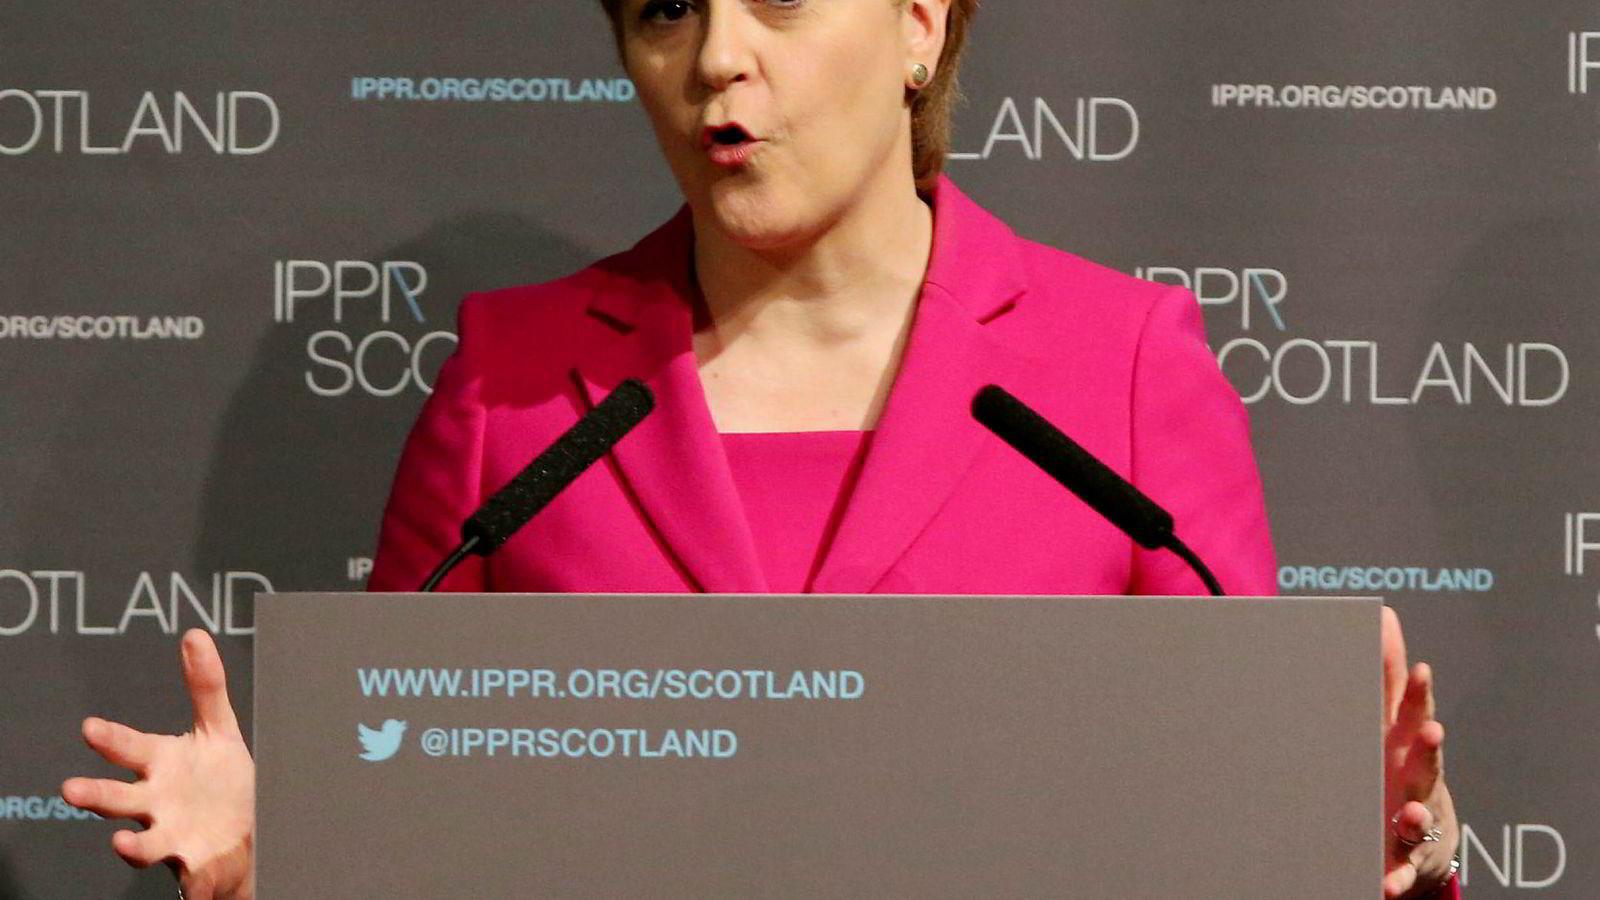 Skottlands førsteminister Nicola Sturgeon sier Theresa May må godkjenne en ny folkeavstemning i Skottland. Foto: POOL